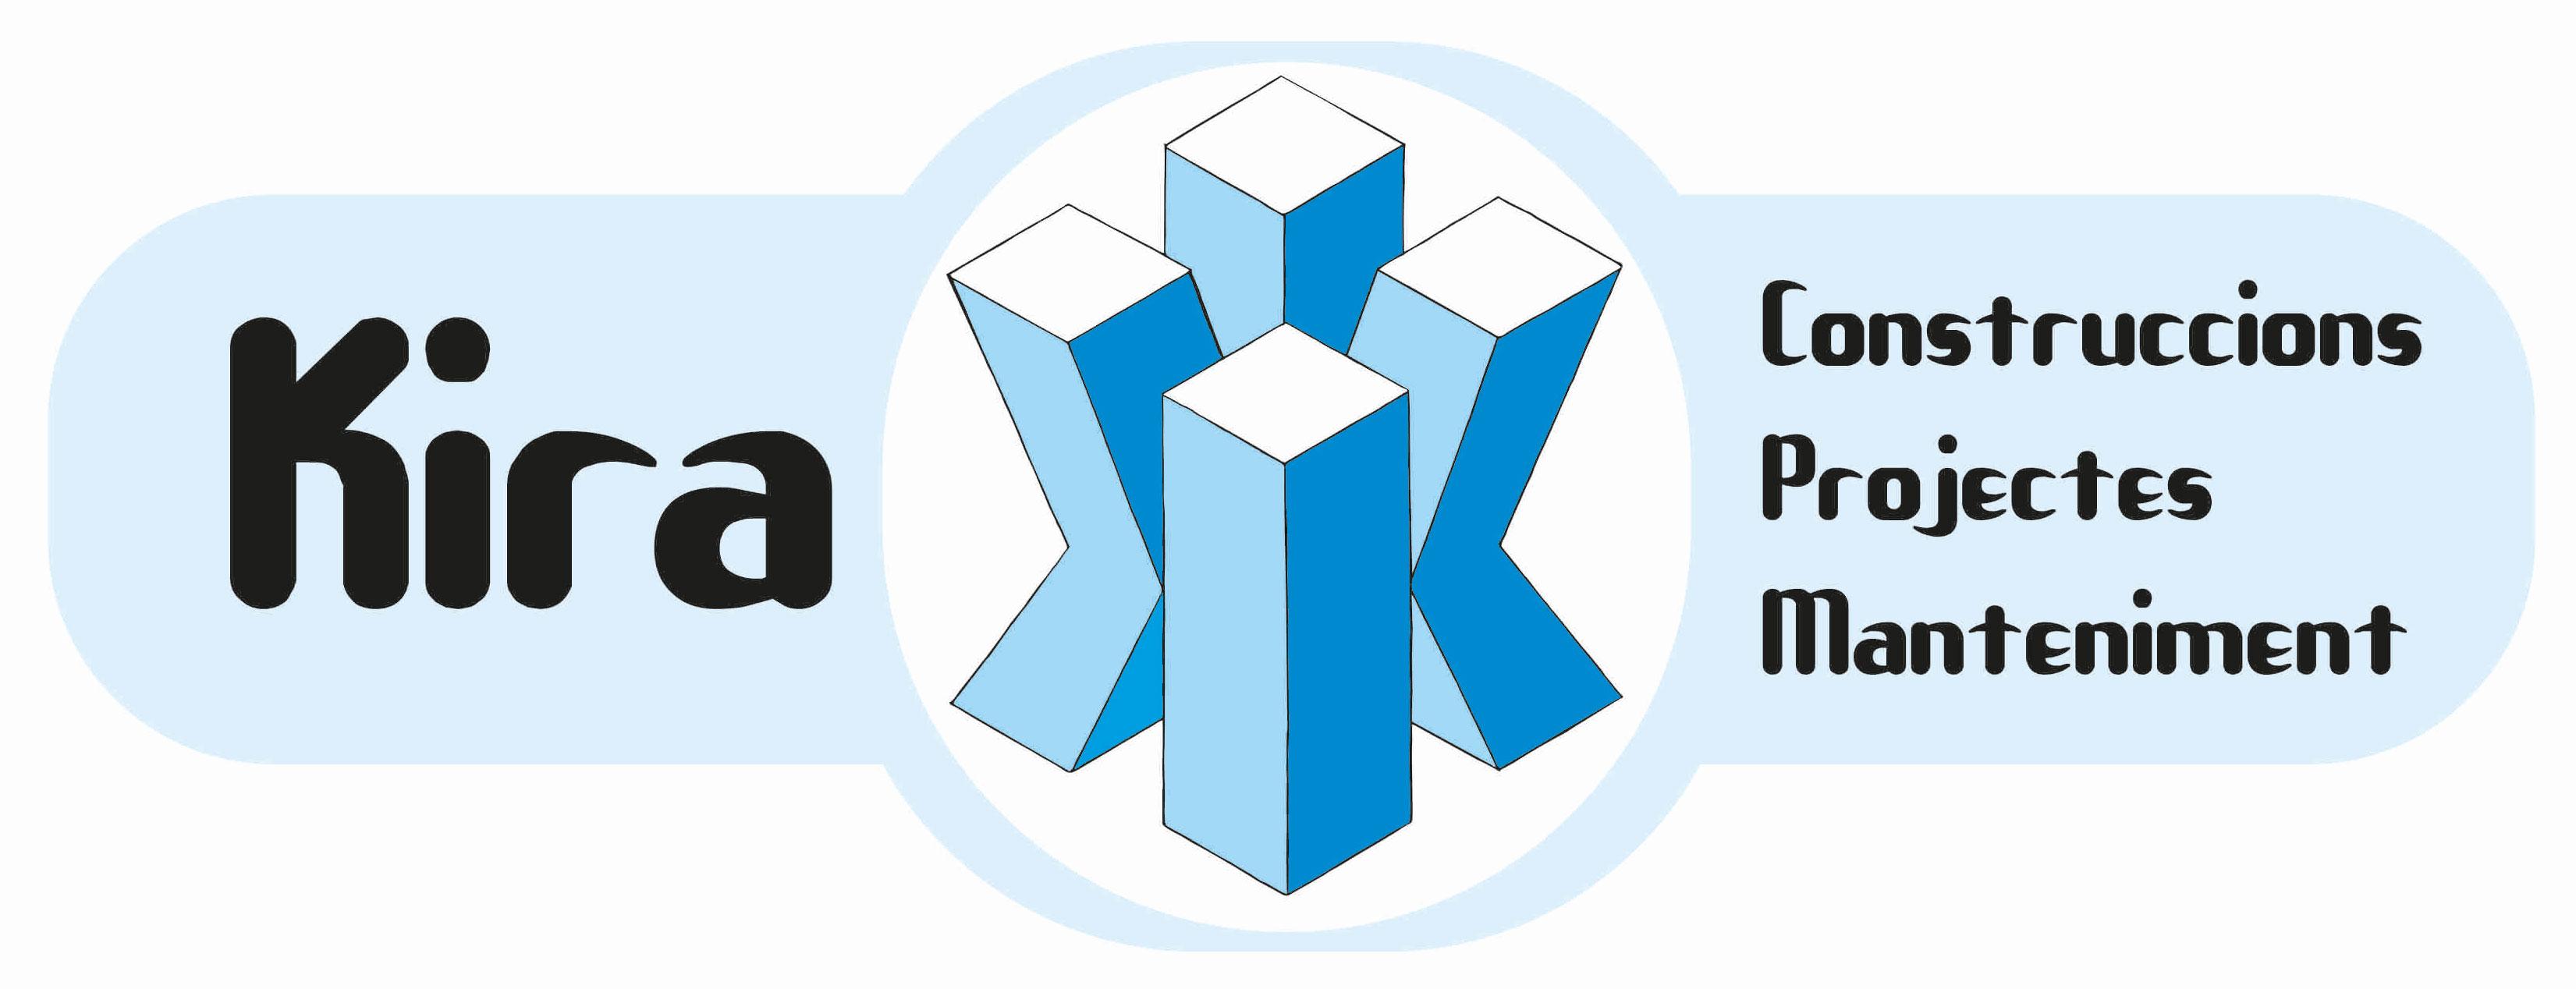 Kira CPM (Construcción, Proyectos y Mantenimiento)